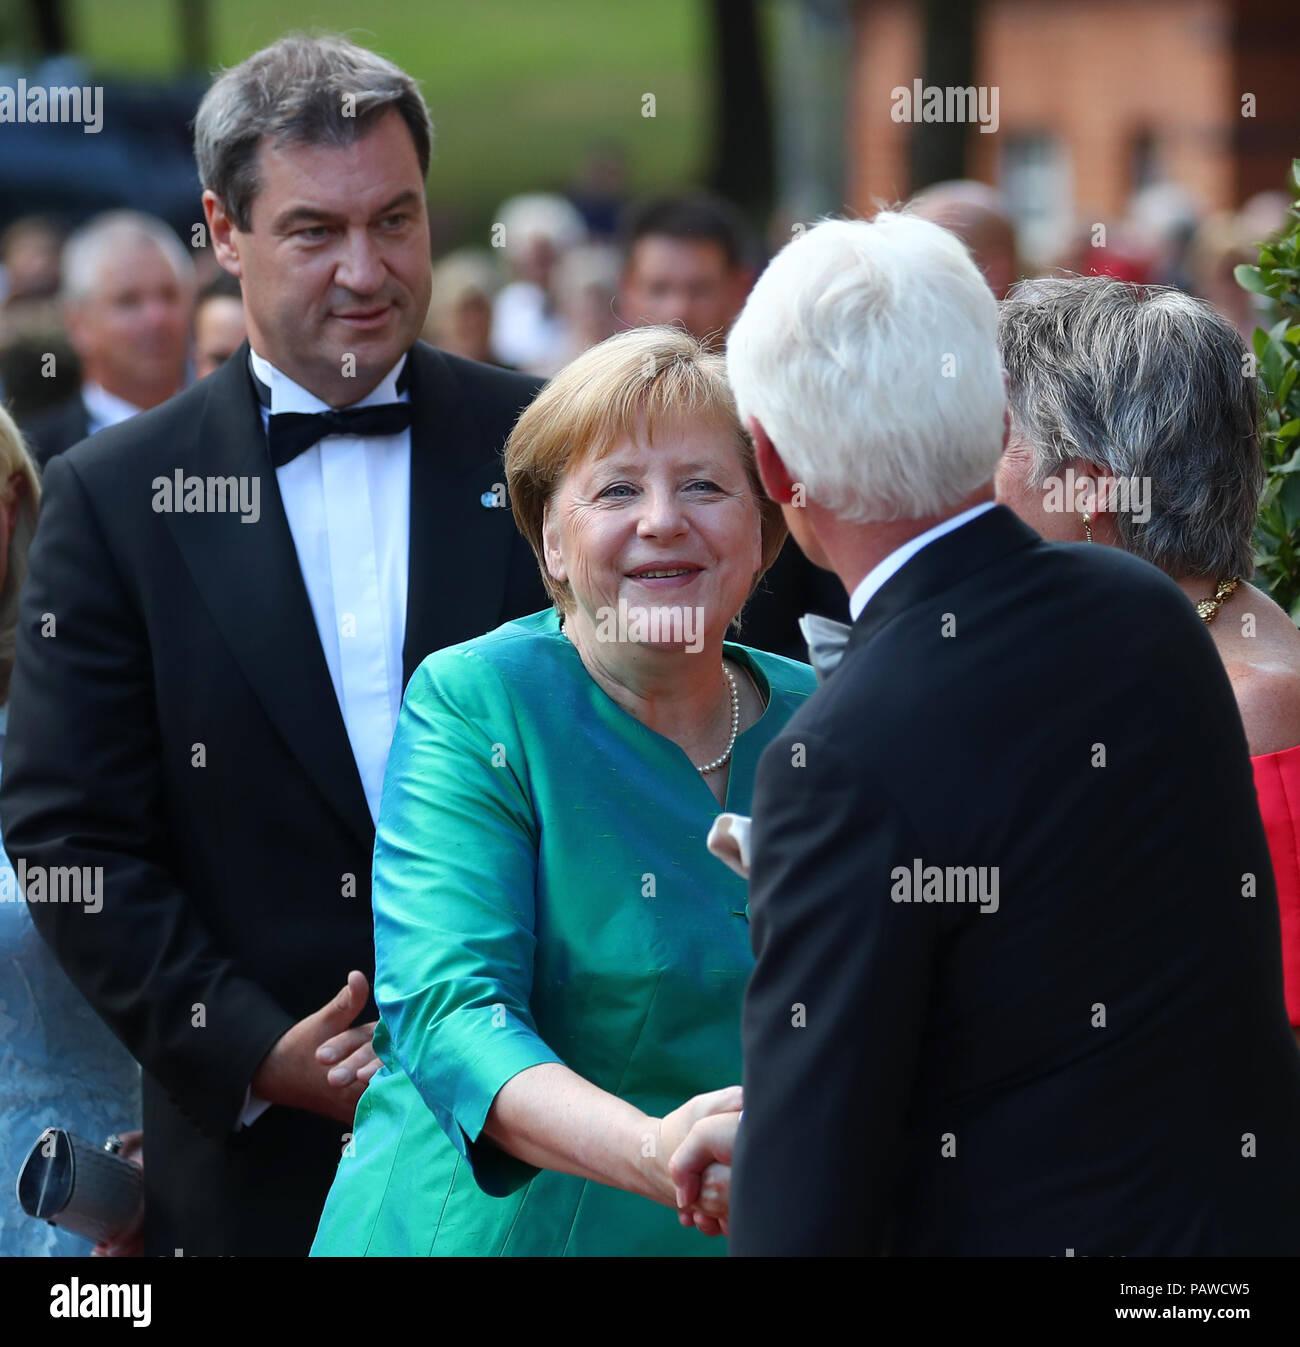 Maurits Hendriks Netherlands Prime Minister Mark Rutte L: Angela Merk Stock Photos & Angela Merk Stock Images